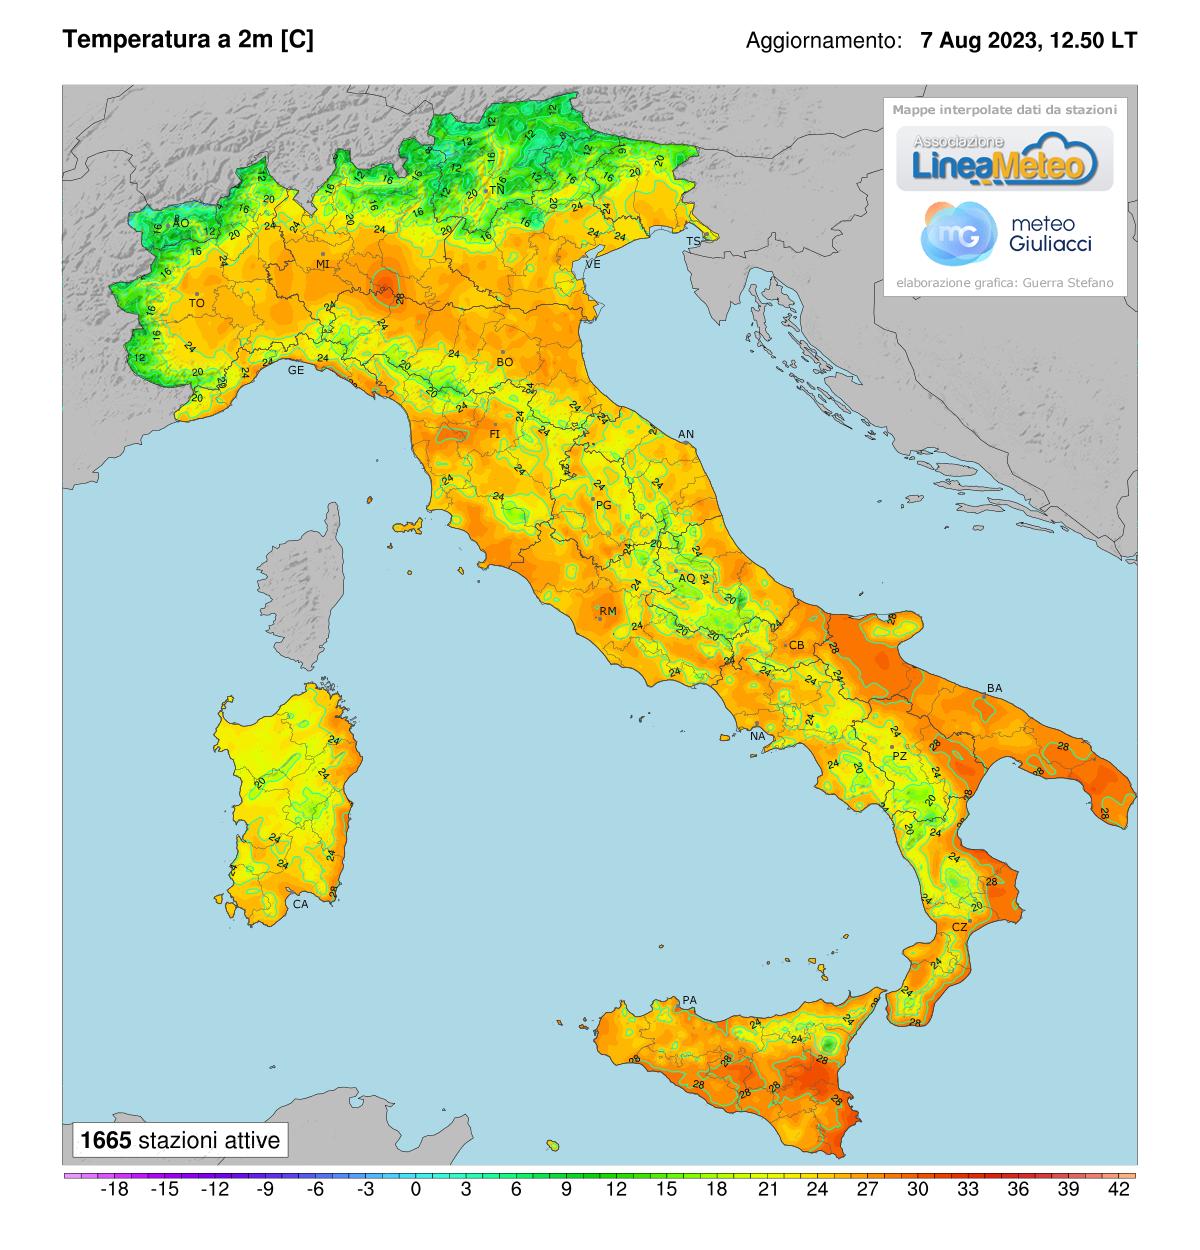 Meteo Cartina Italia.Mappe Real Time Italia Meteogiuliacci It